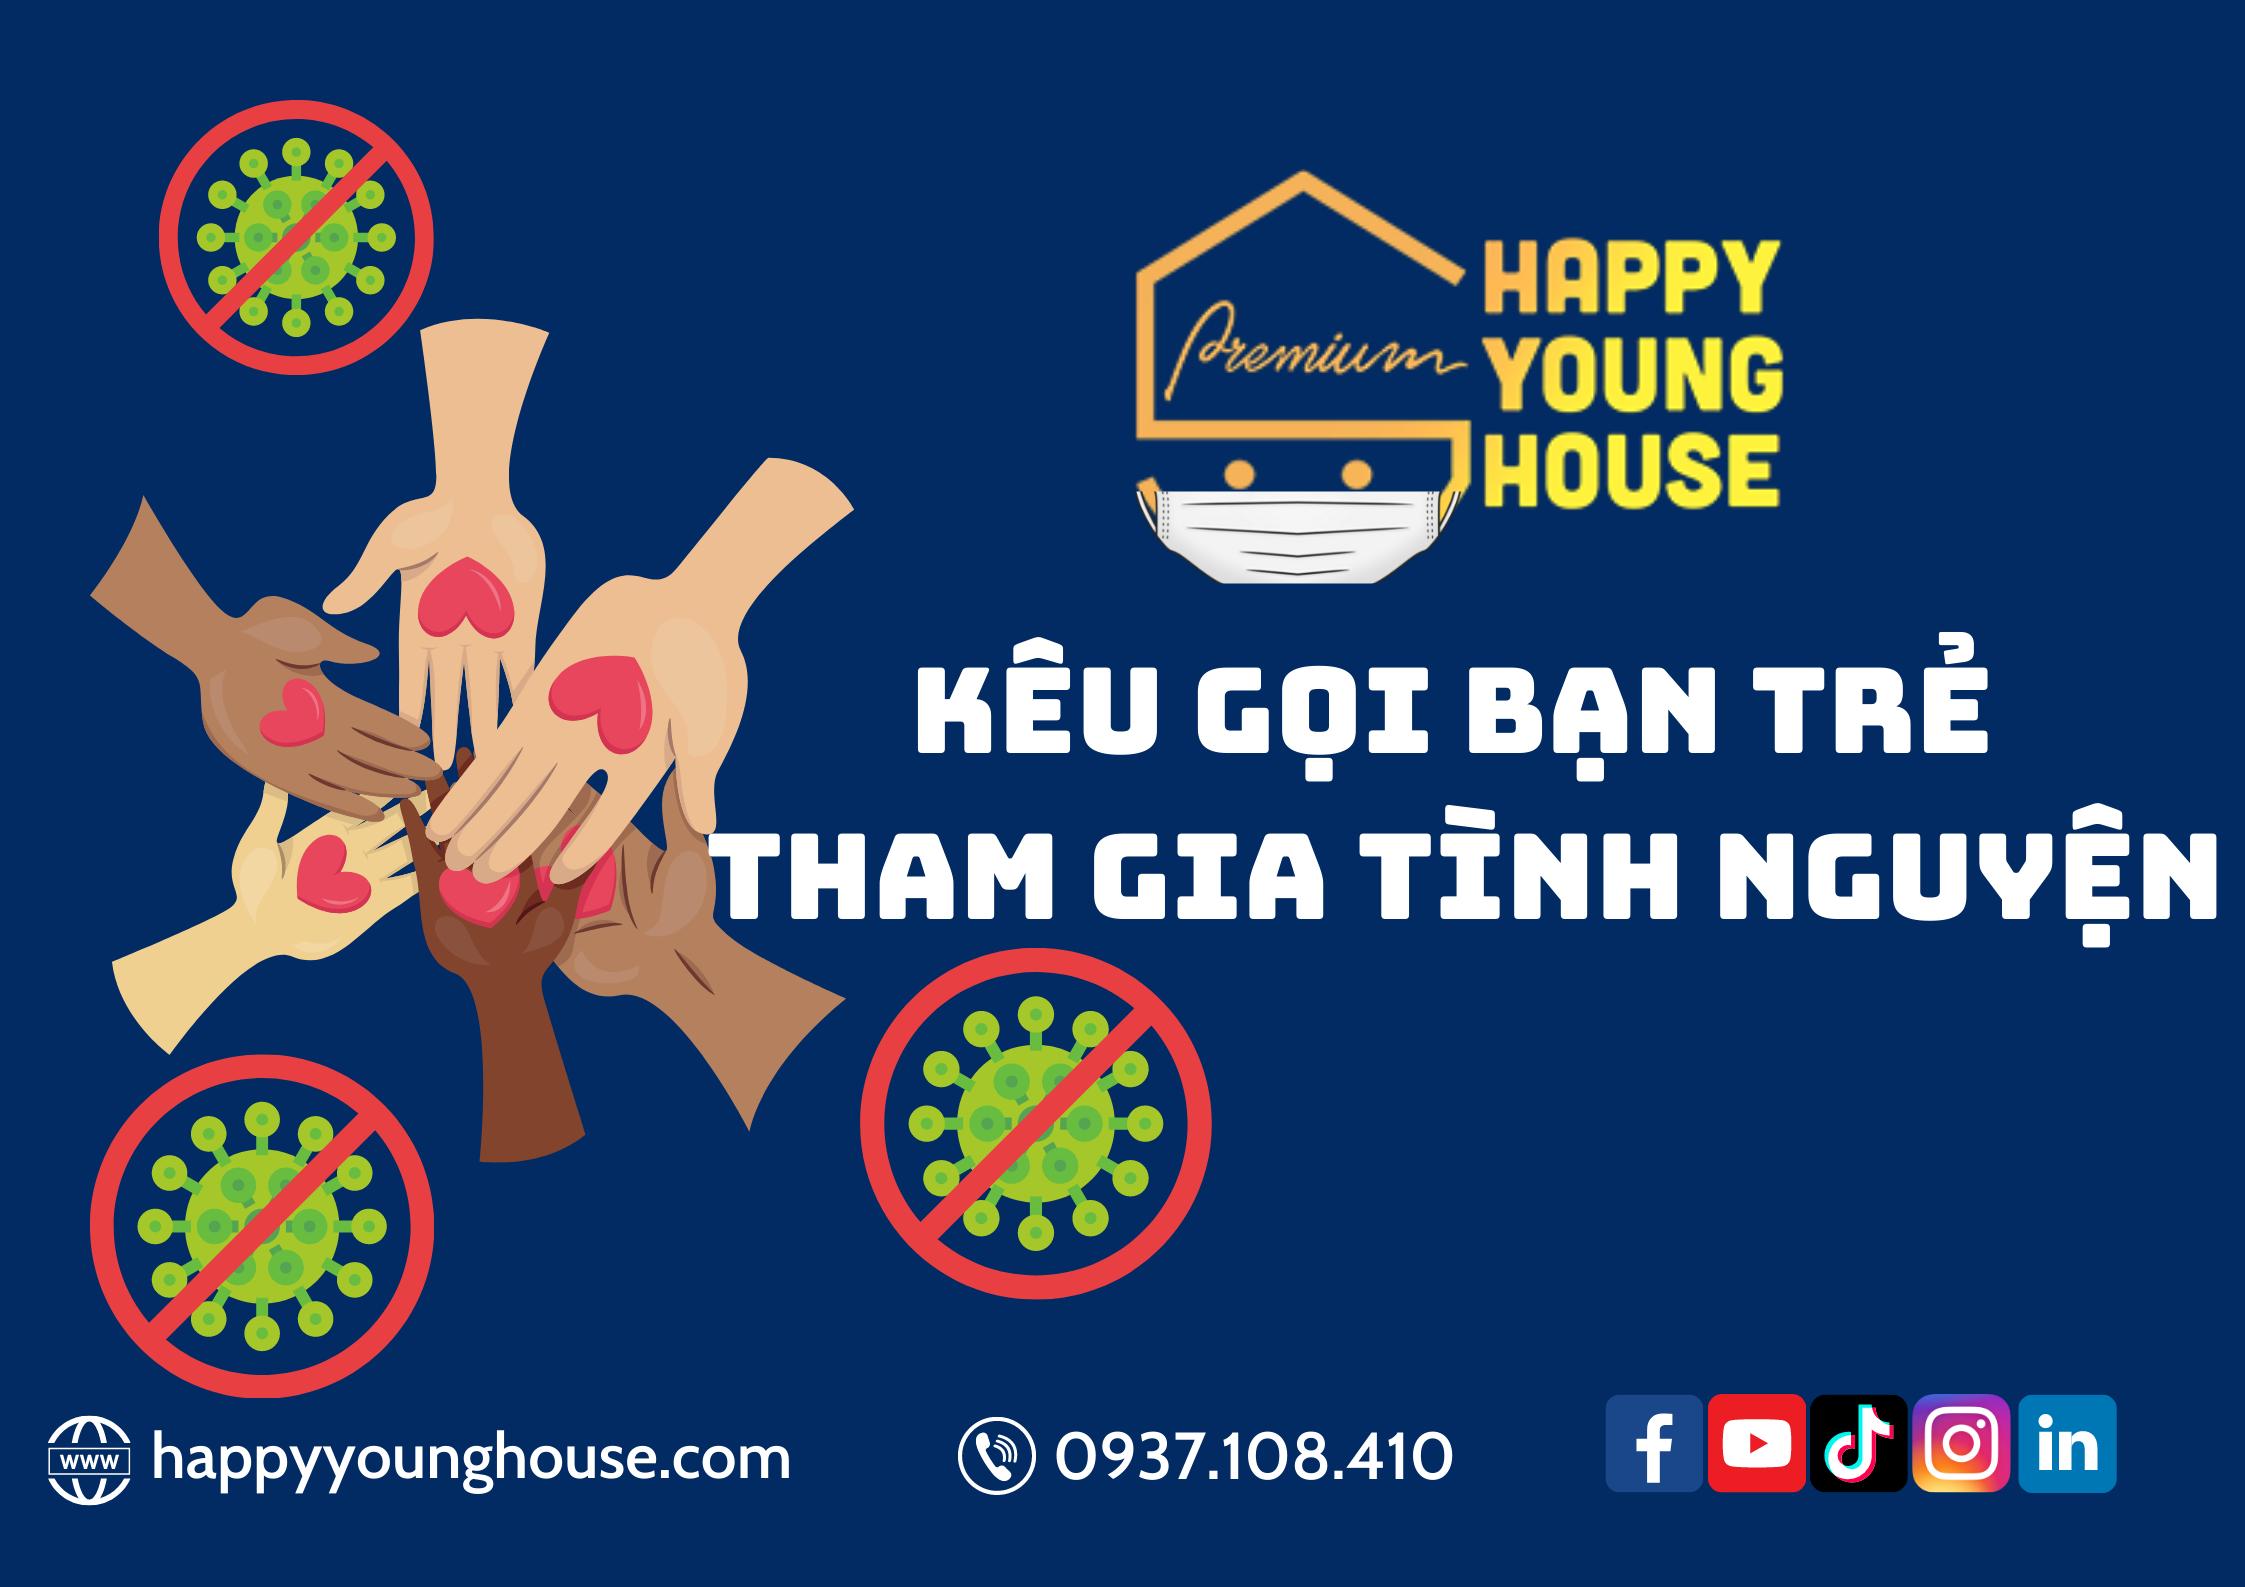 HAPPY YOUNG HOUSE XIN KÊU GỌI PHÁT ĐỘNG BẠN TRẺ TRONG CỘNG ĐỒNG HYH CÙNG TÌNH NGUYỆN THAM GIA CHÓNG DỊCH